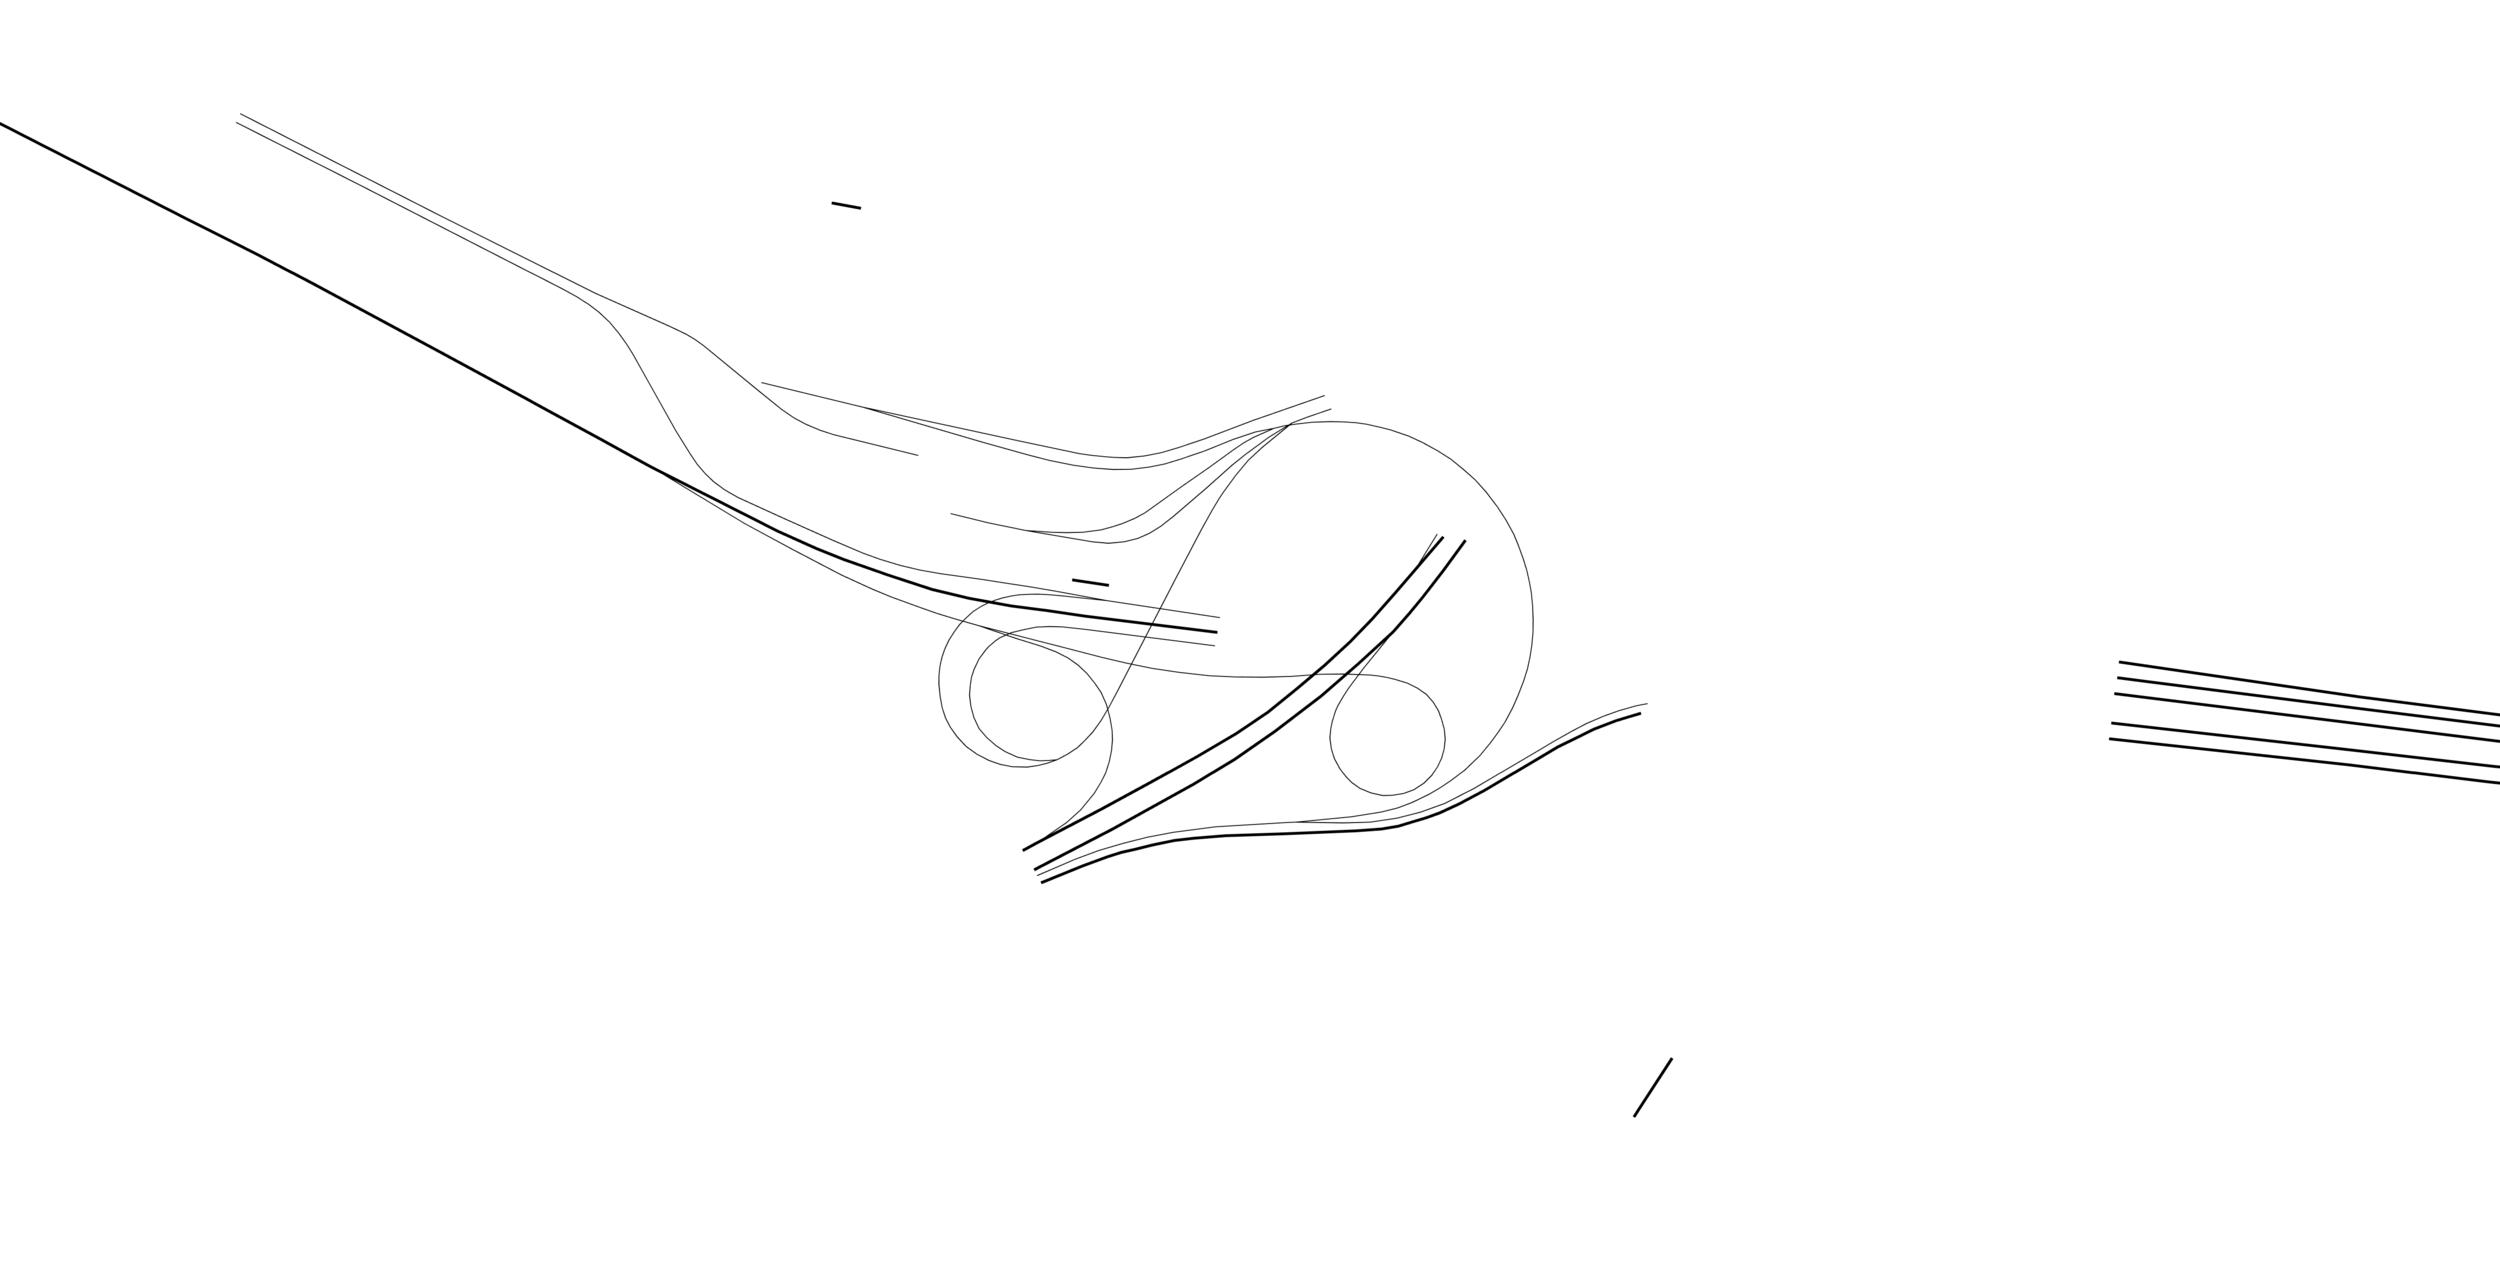 tangram-screenshot17-38.79381--77.05581-2074.png